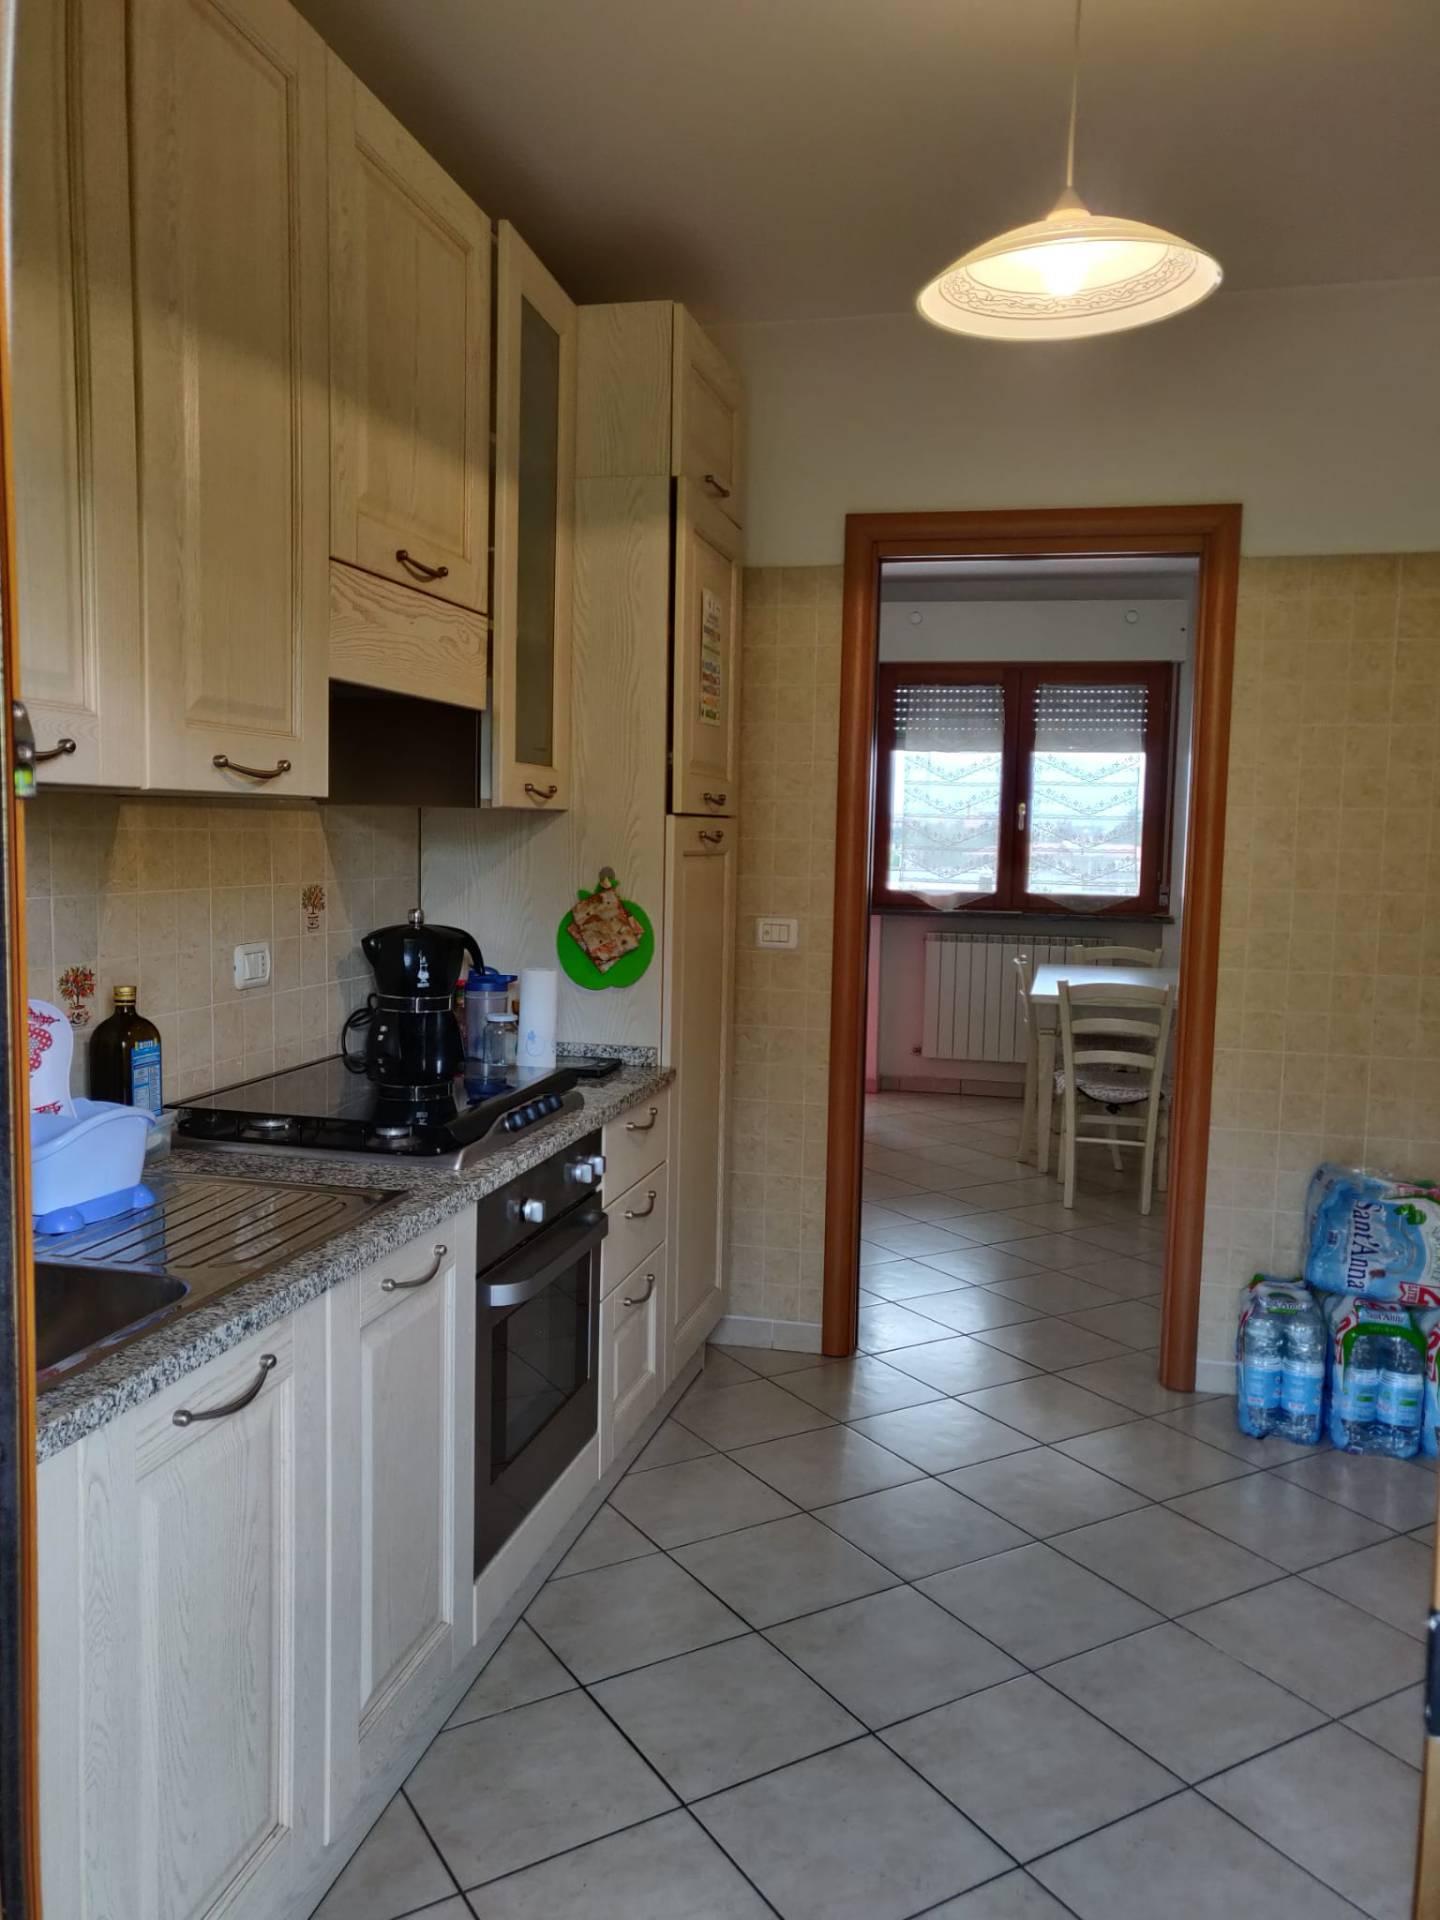 Appartamento in vendita a Chieti, 4 locali, zona Località: ZonaUniversità, prezzo € 140.000 | PortaleAgenzieImmobiliari.it